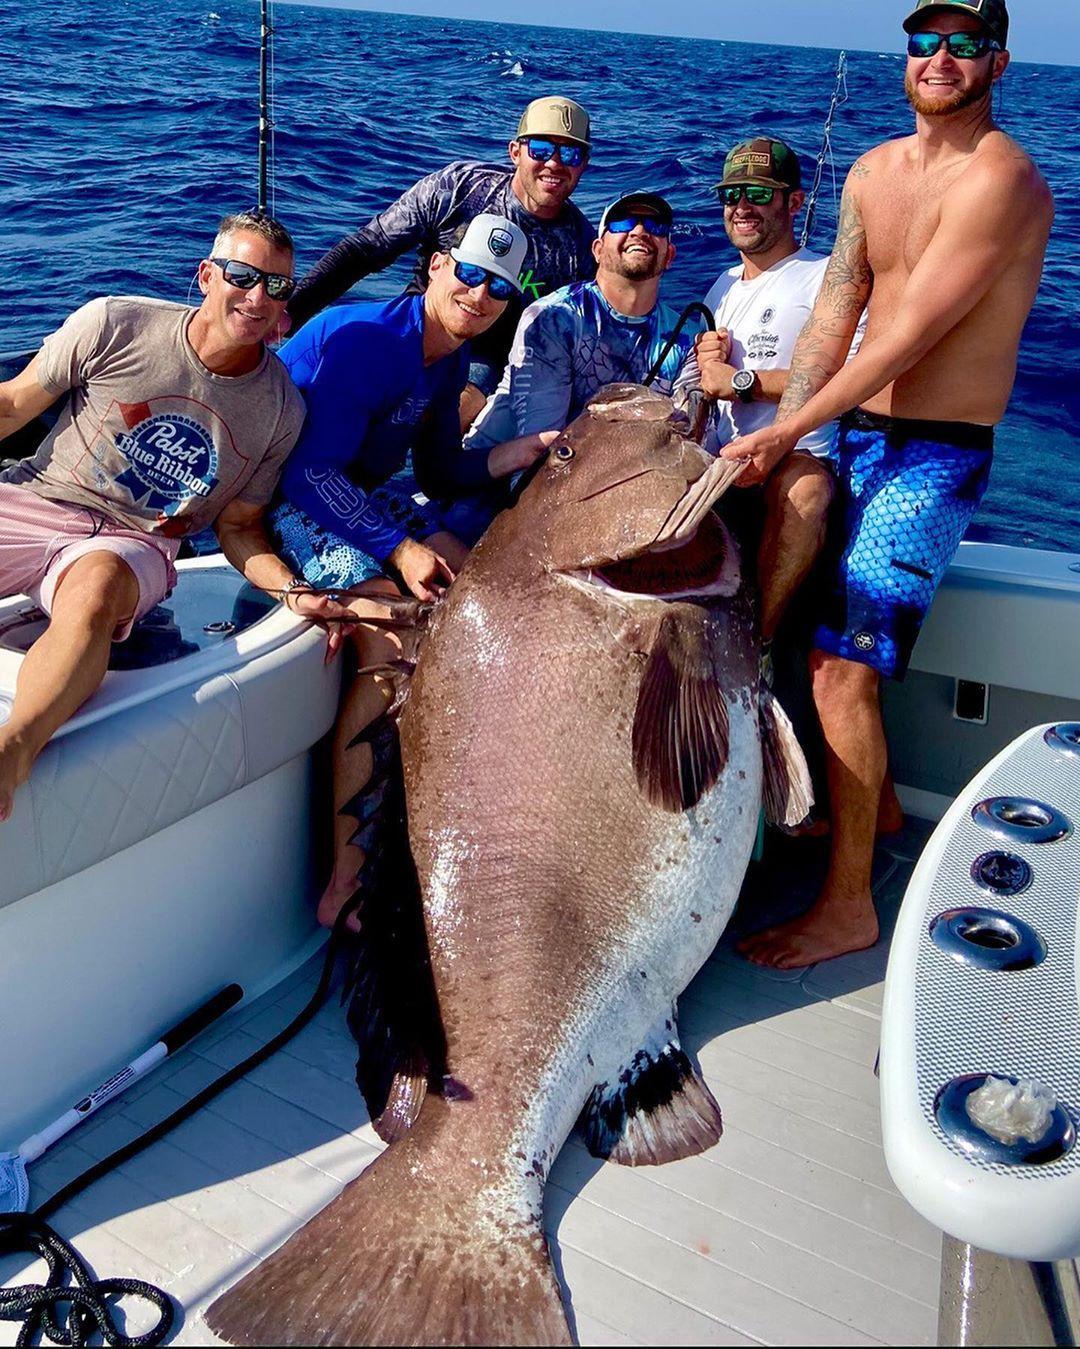 В США рыбак поймал на удочку рыбу весом 160 кг (Фото)